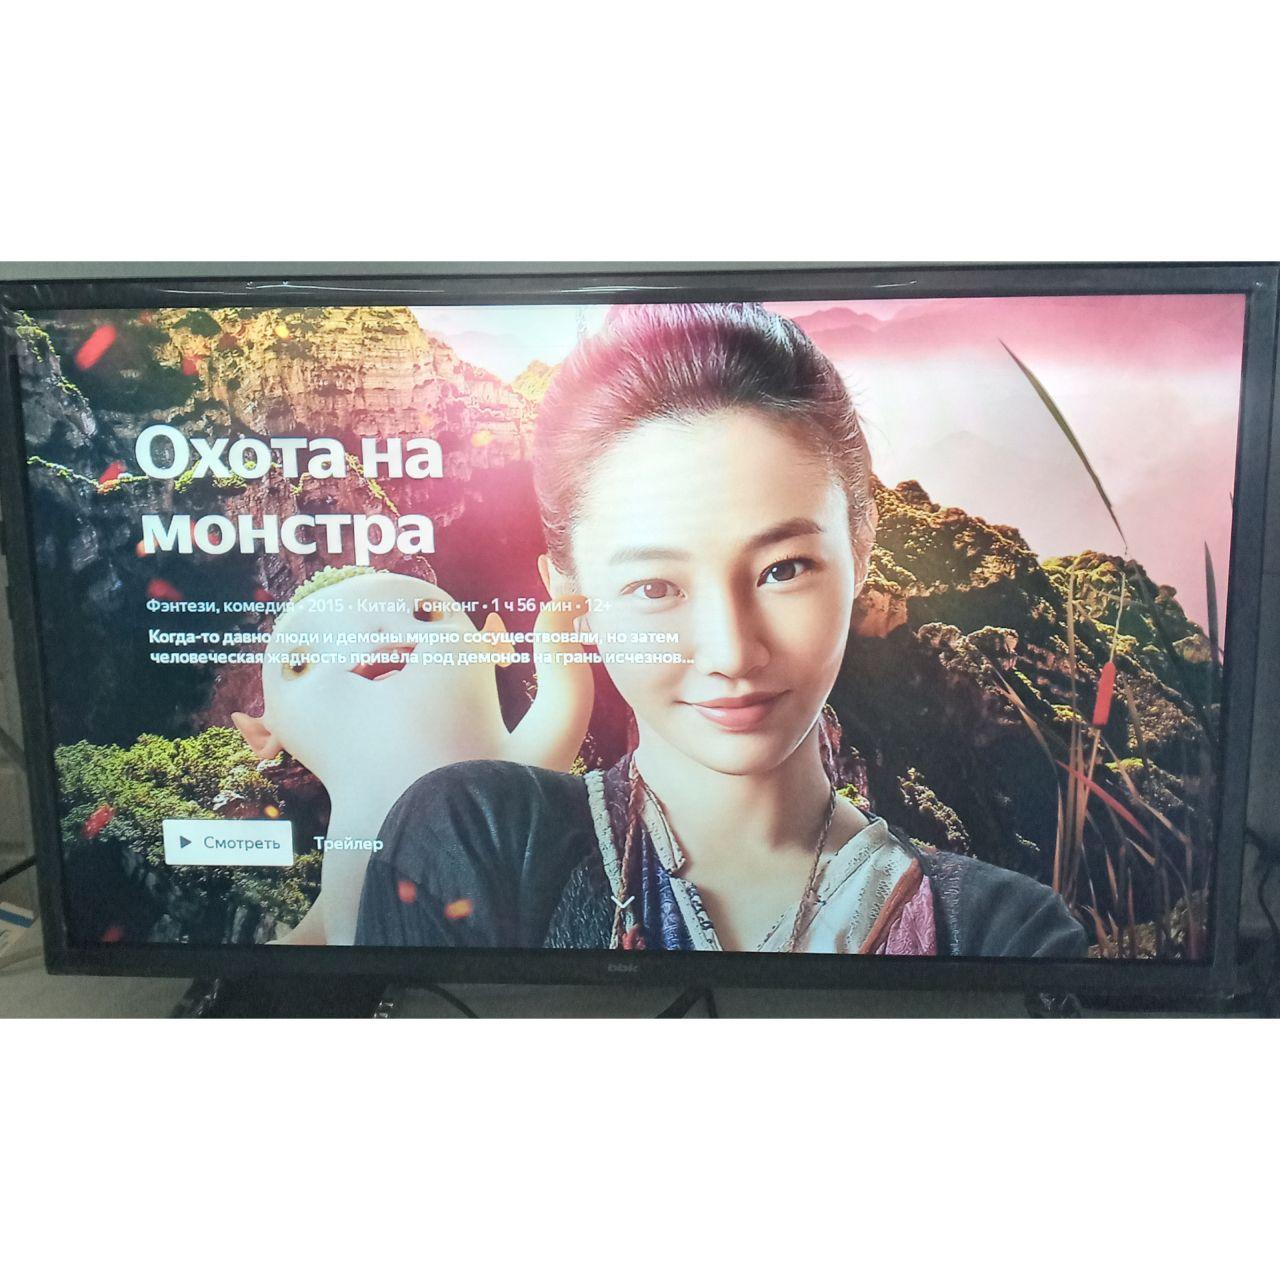 Телевизор BBK FullHD 32 дюйма